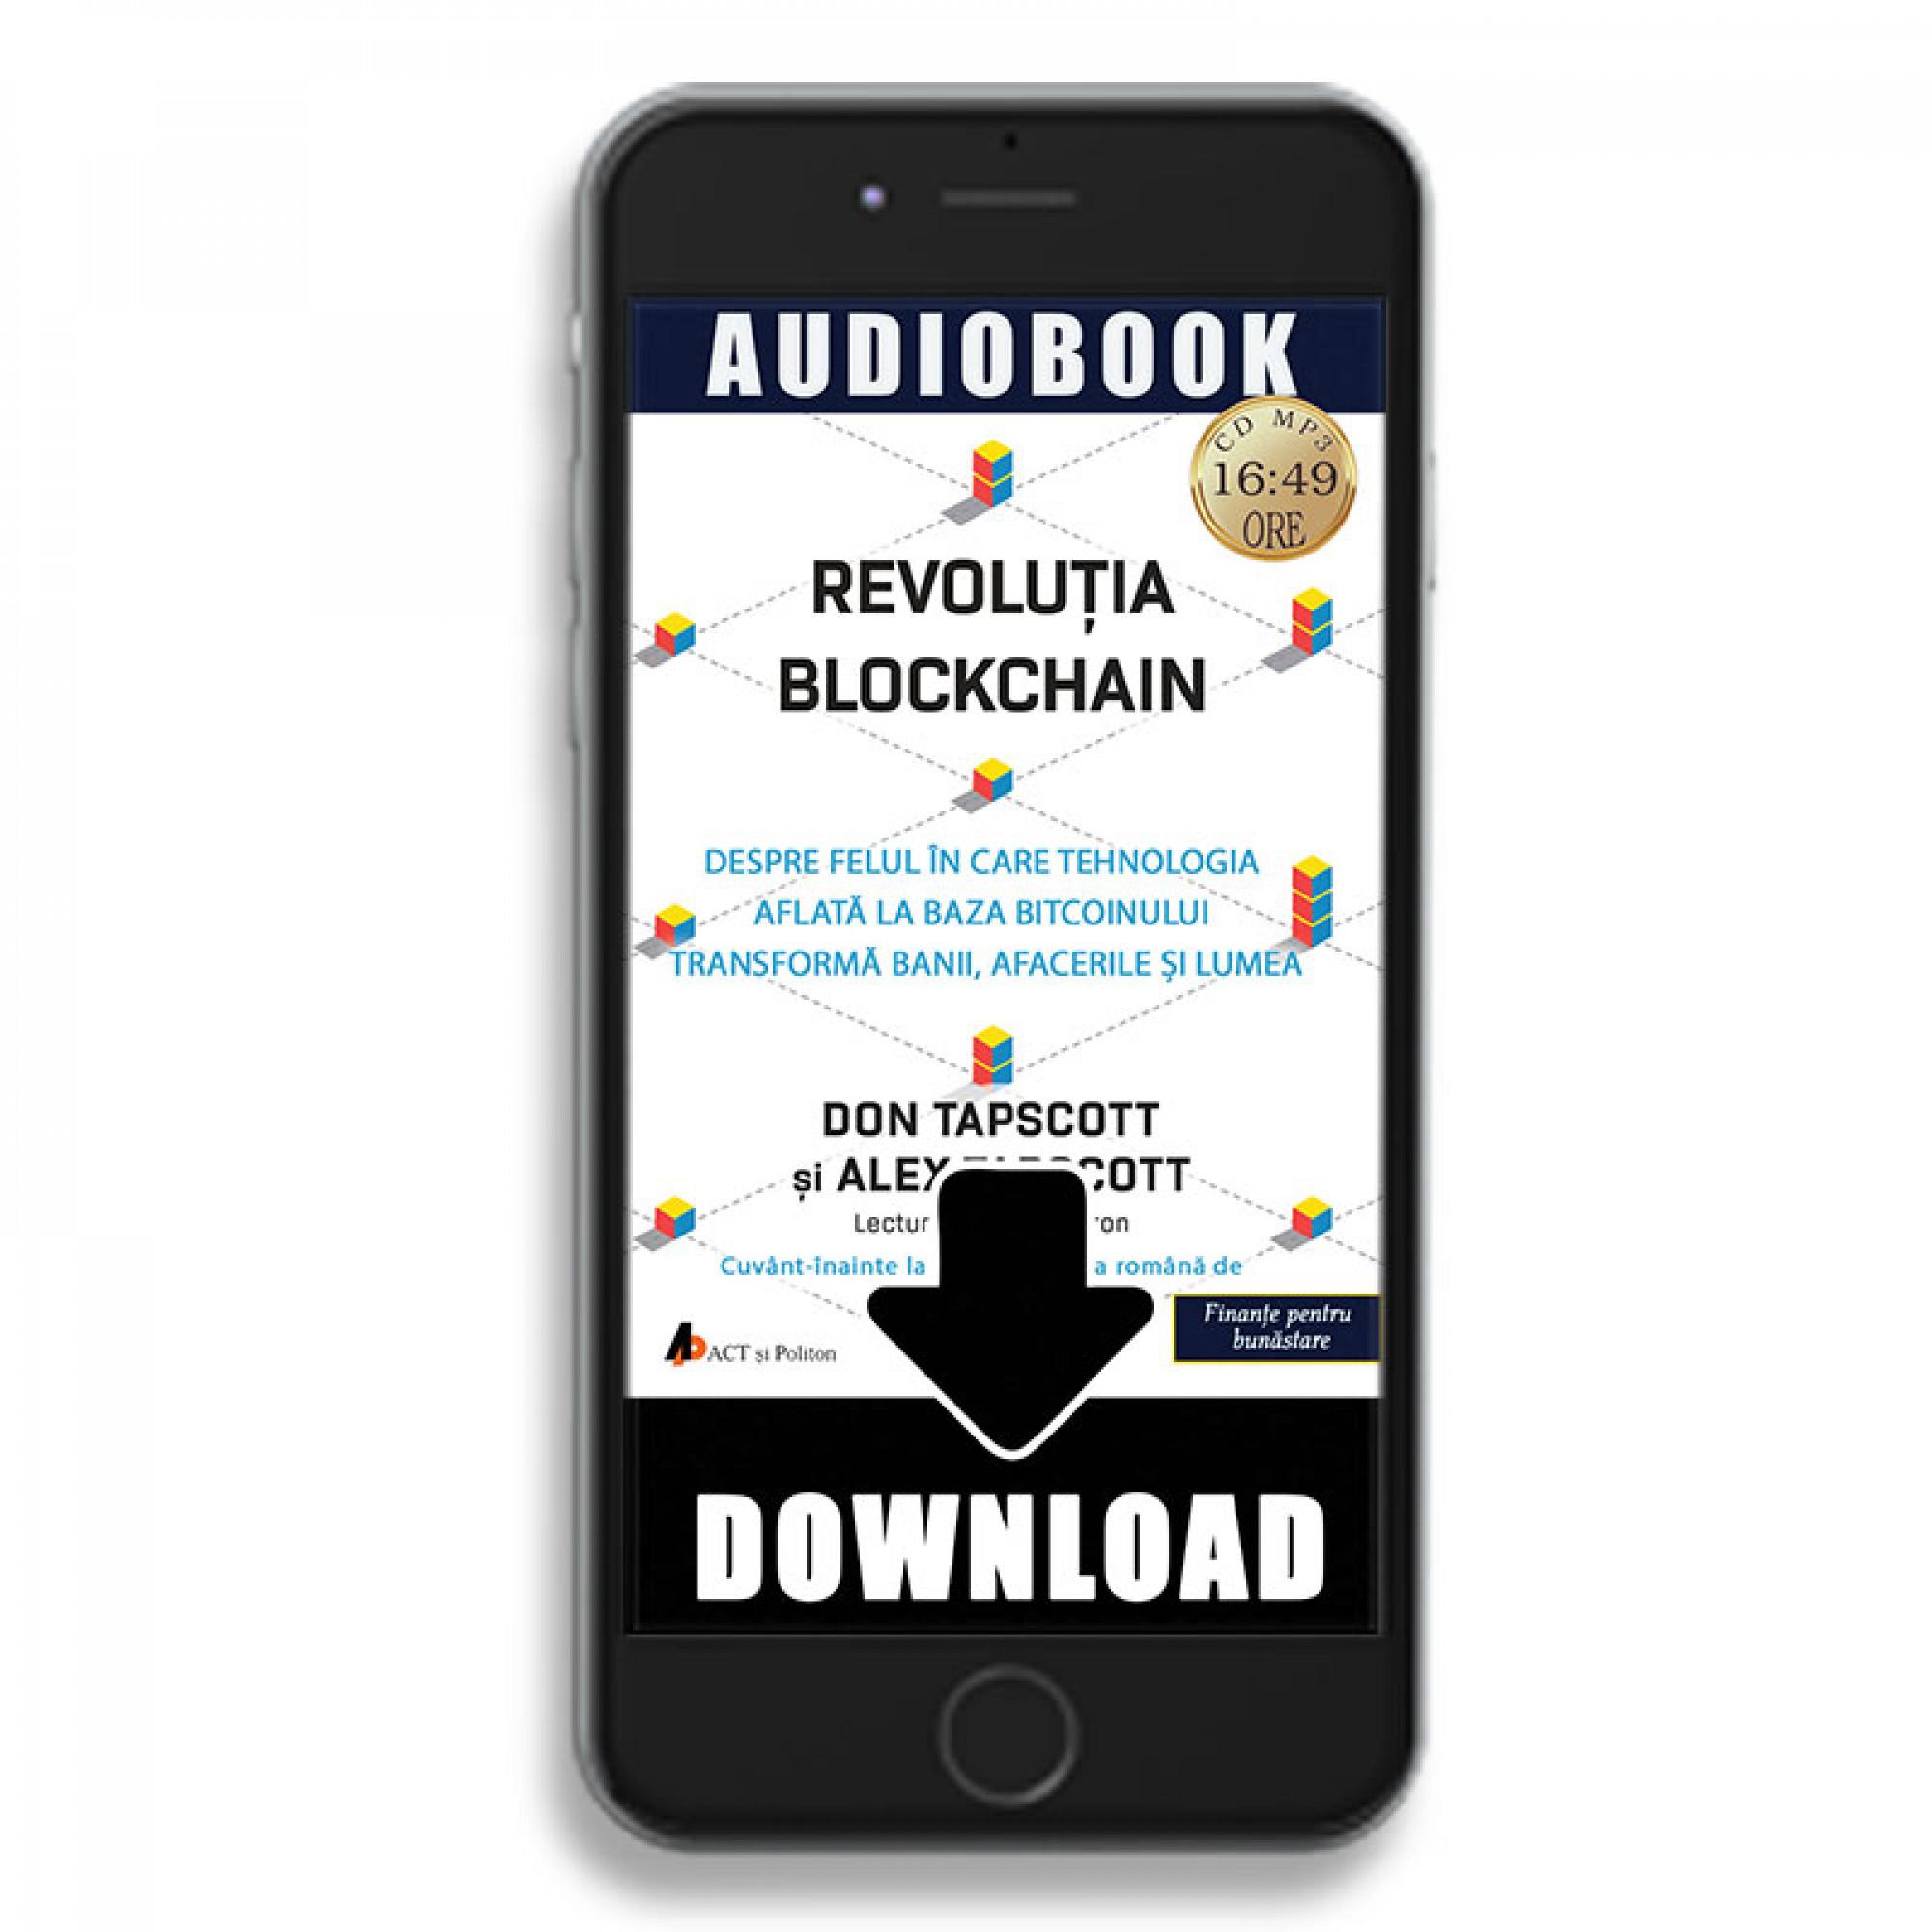 Revoluția Blockchain. Despre felul în care tehnologia aflată la baza bitcoinului transformă banii, afacerile si lumea; Don Tapscott, Alex Tapscott -ad